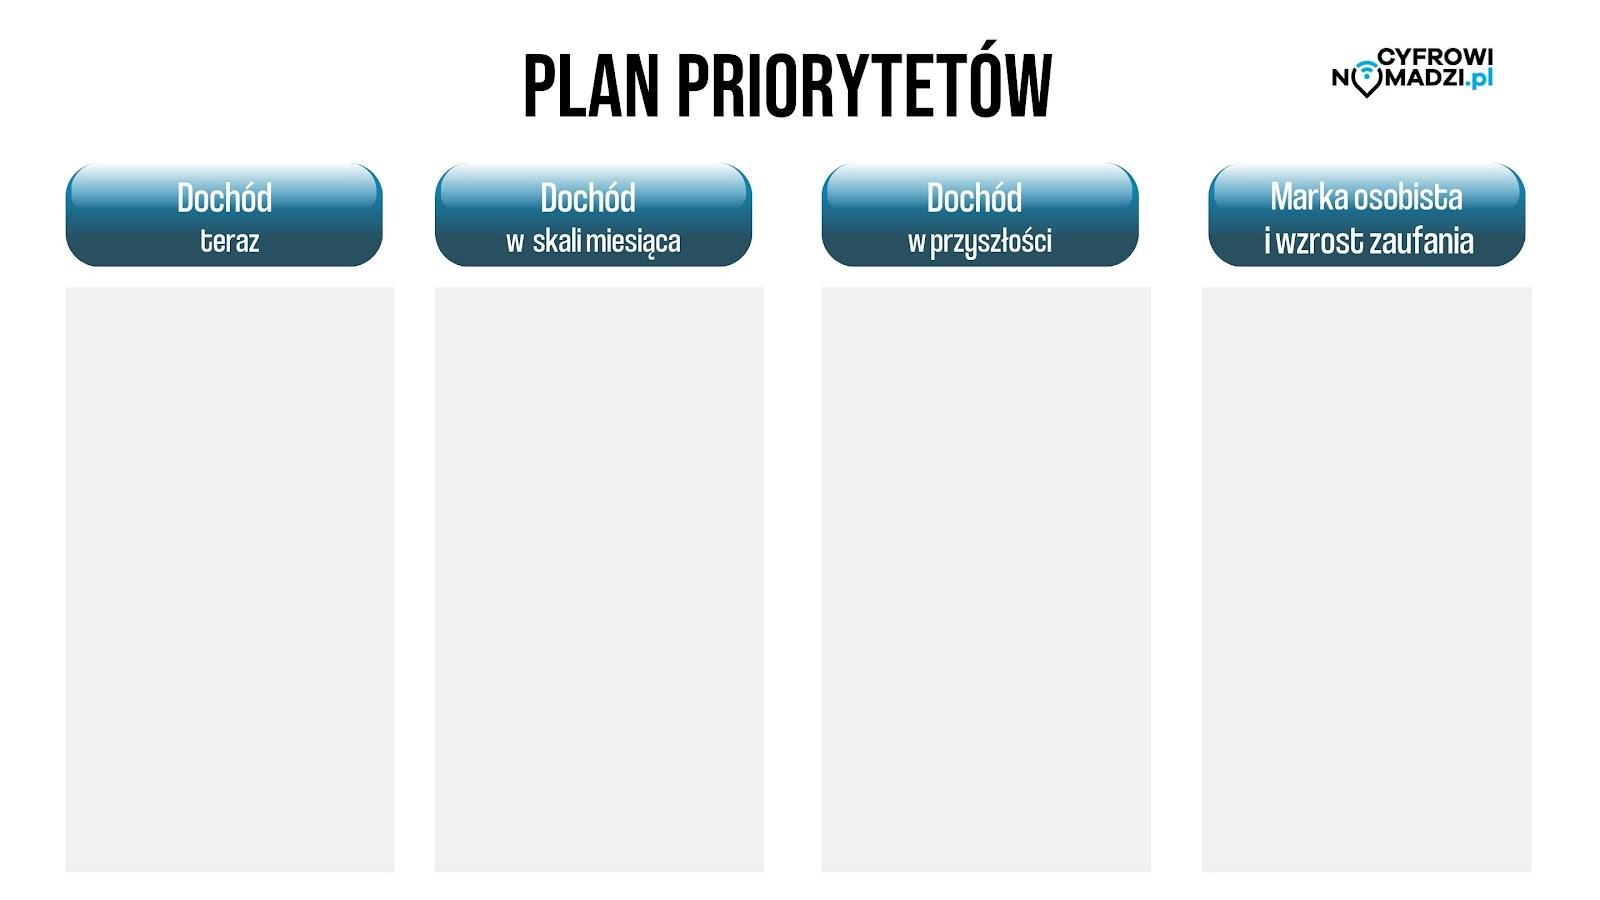 Określanie priorytetów